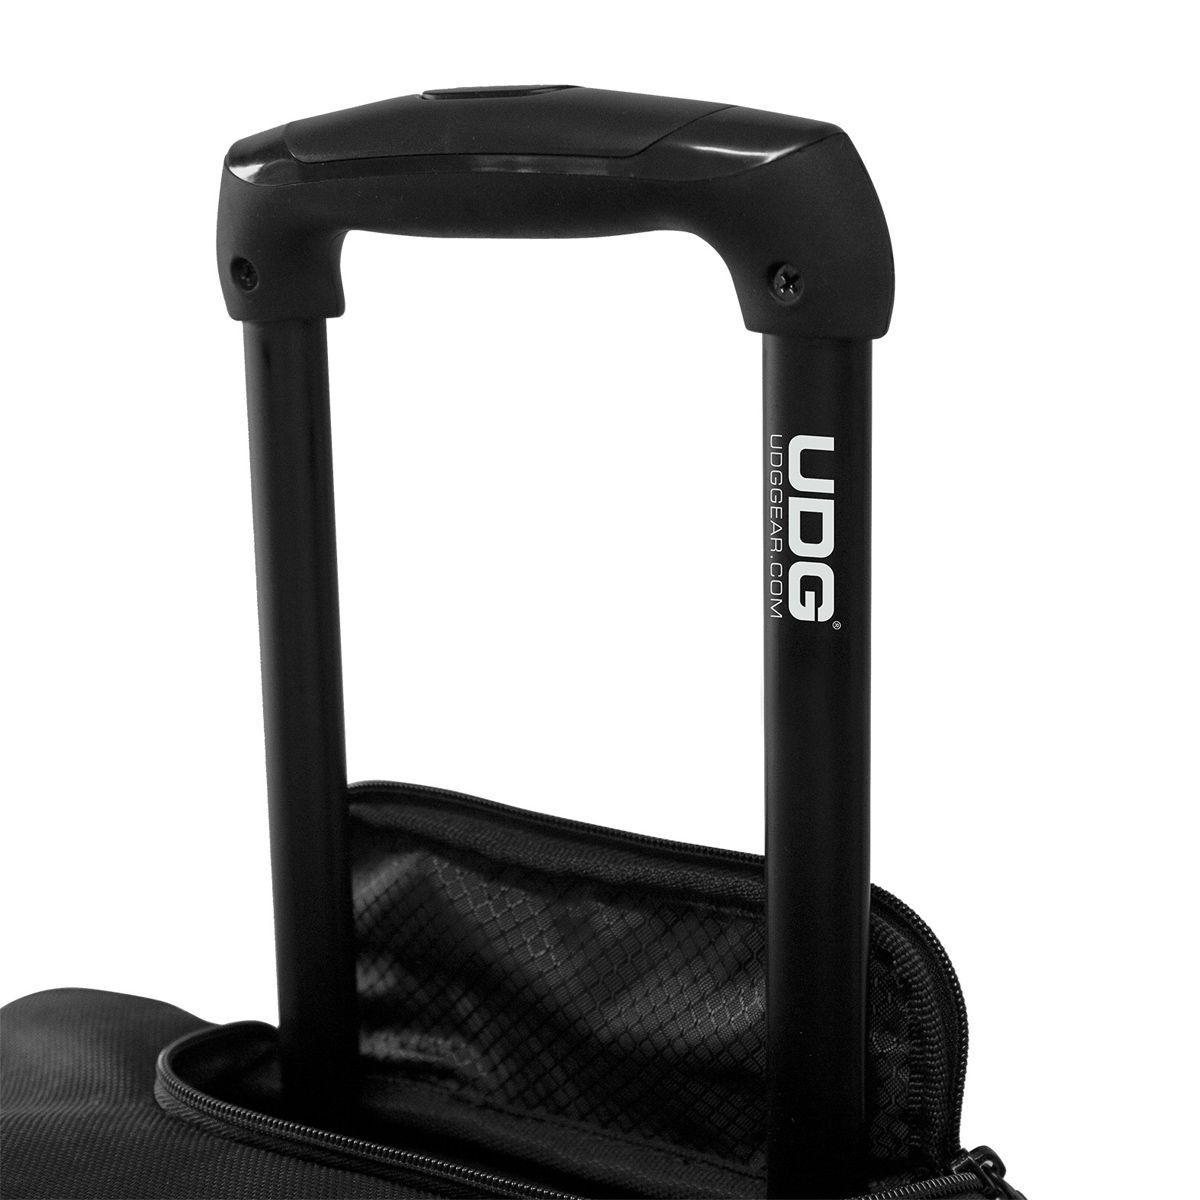 Mochila para controladoras com rodas UDG U8015BL